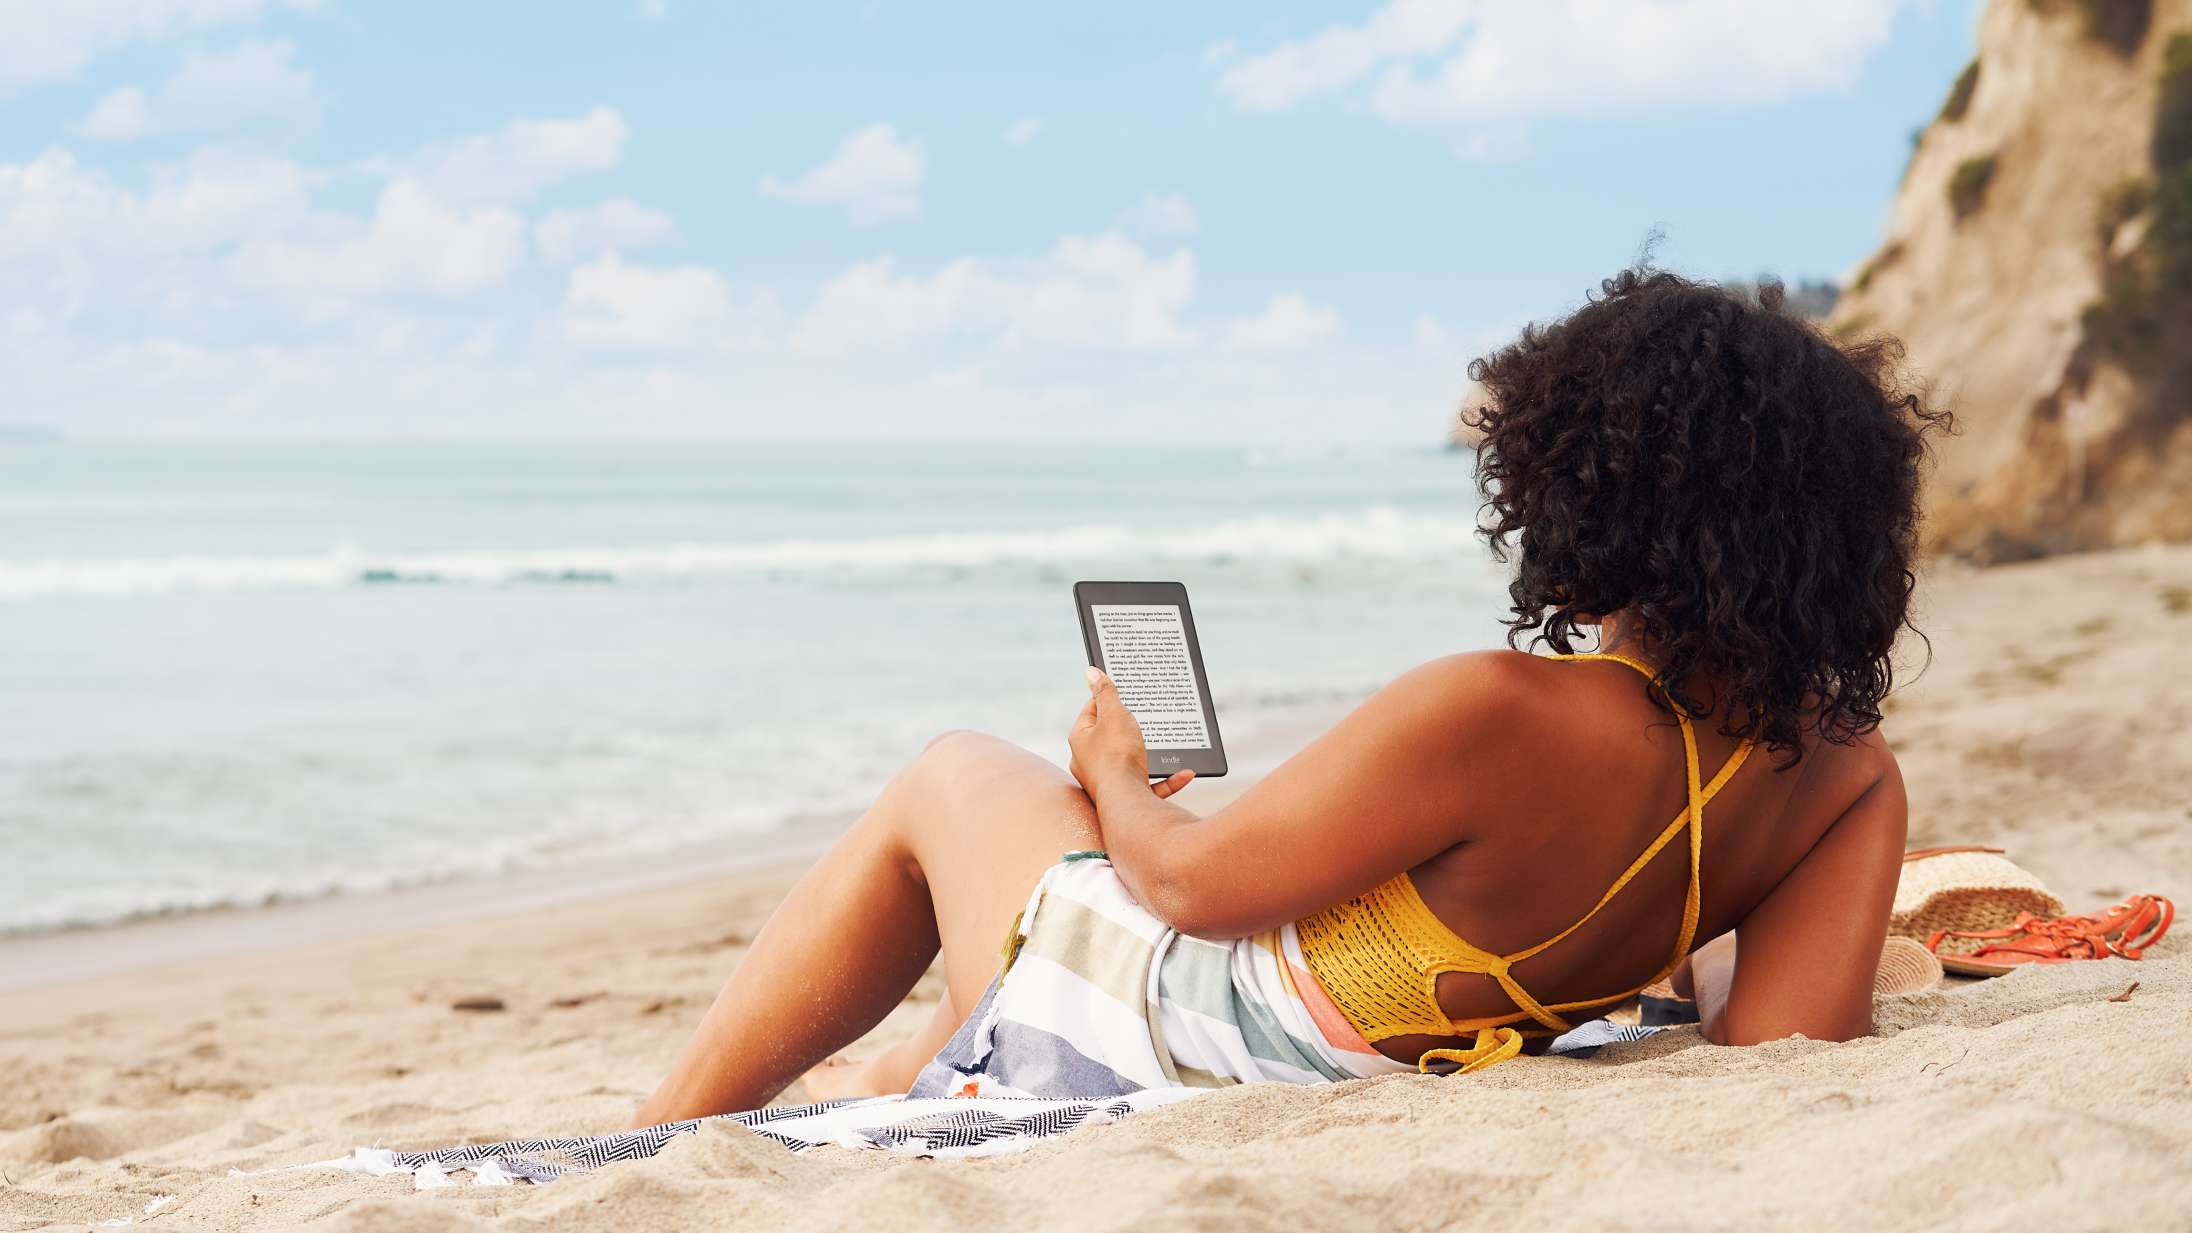 Stik afsted på sommerferie med et helt bibliotek i tasken: Techeksperterne guider til de bedste e-readers